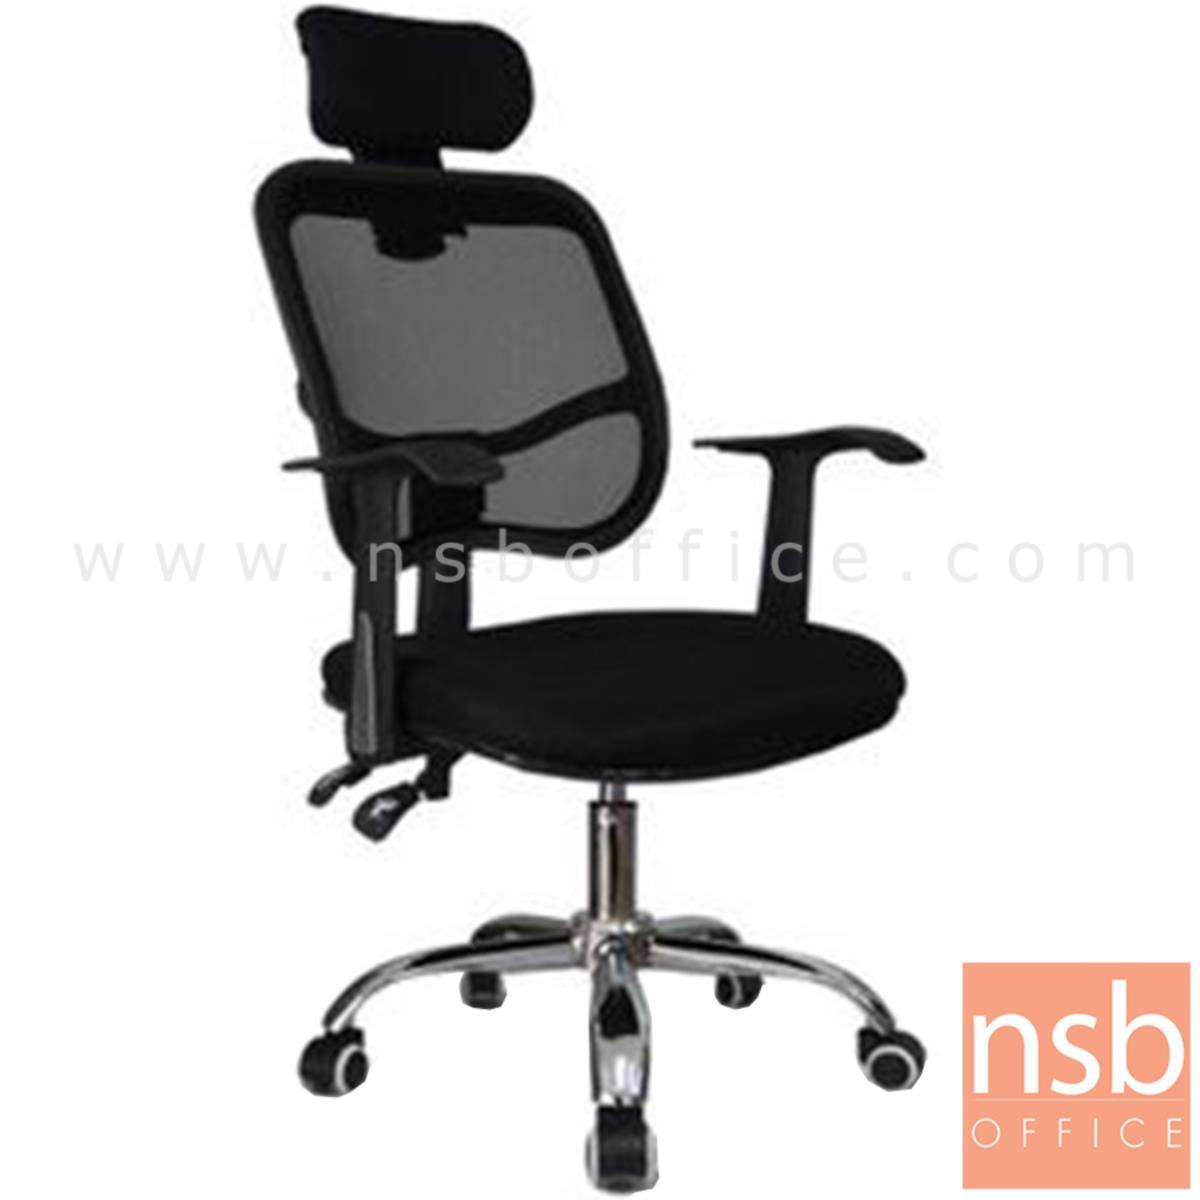 B28A116:เก้าอี้ผู้บริหารหลังเน็ต รุ่น Carmen (คาร์เมน)  ขาเหล็กชุบโครเมี่ยม